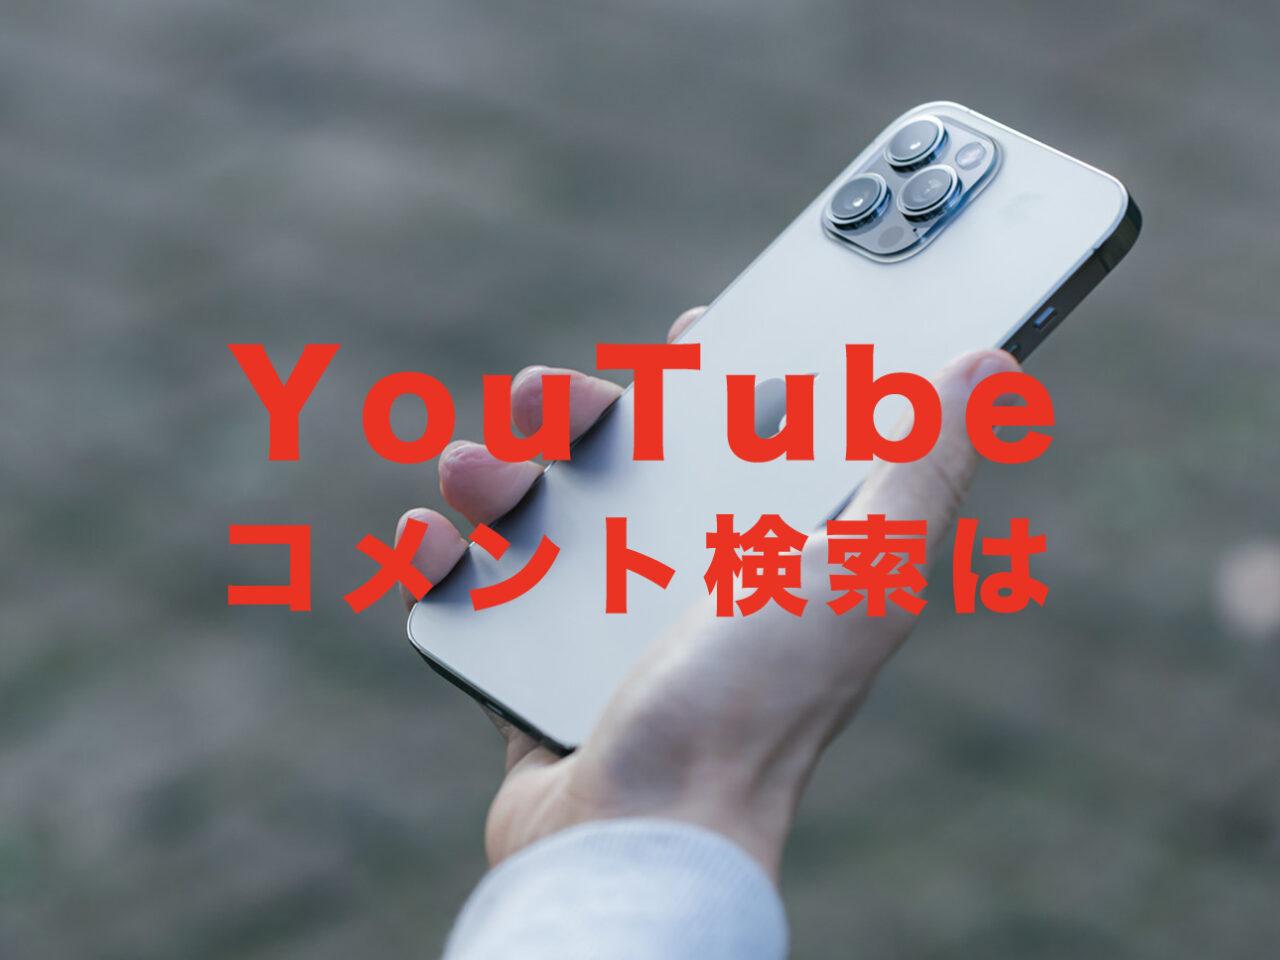 YouTube(ユーチューブ)でコメントを検索する方法&やり方は?検索できる?のサムネイル画像